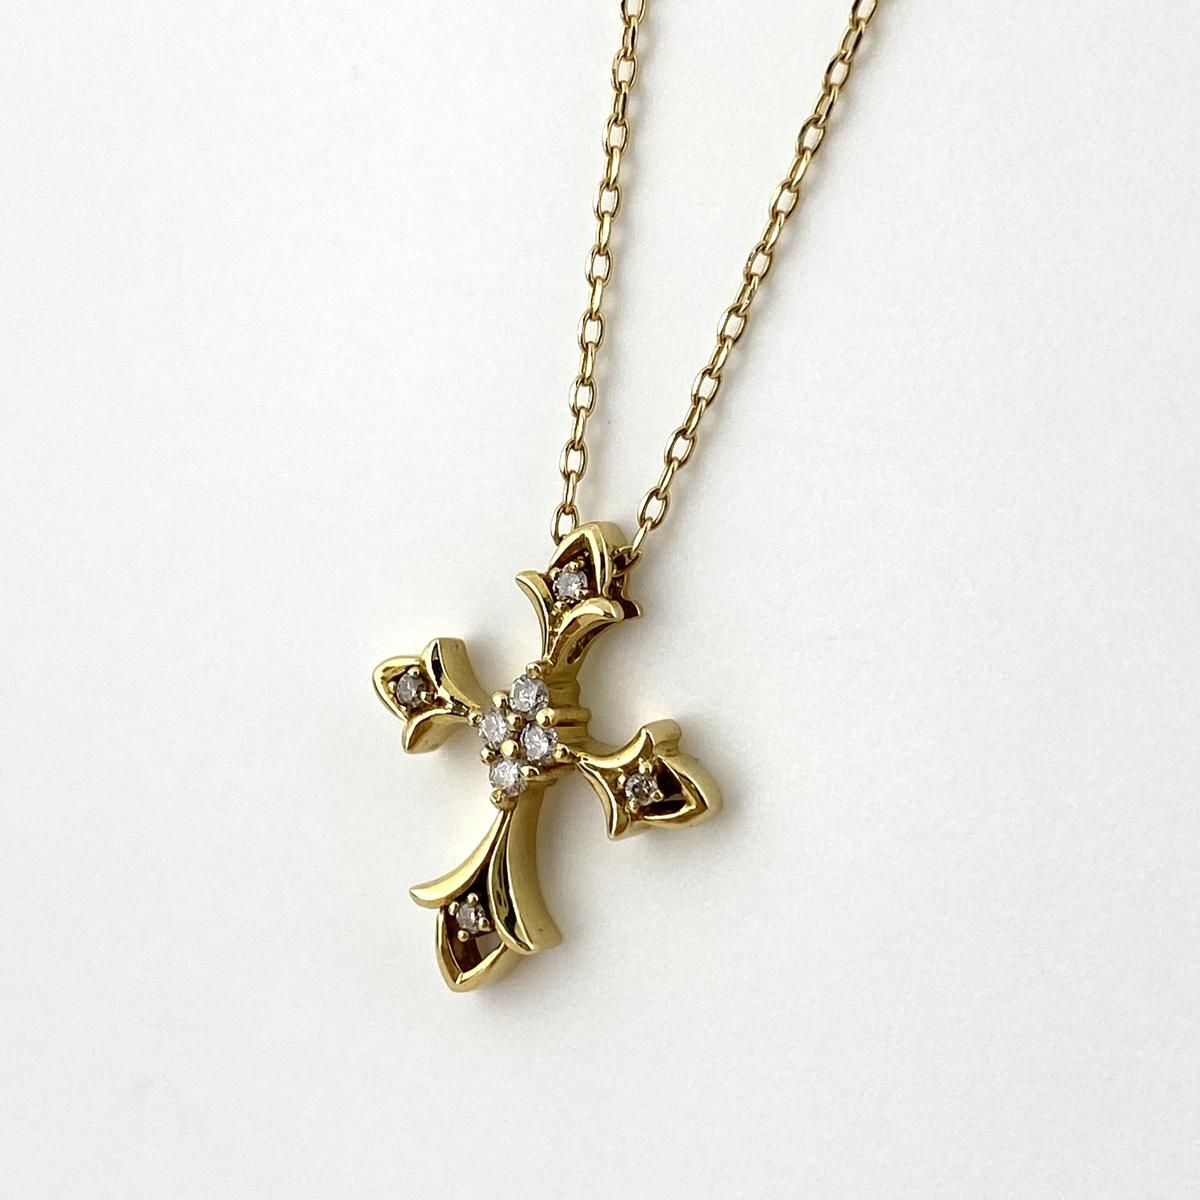 USED 送料無料 メレダイヤ デザインネックレス K18 イエローゴールド レディース 安値 ペンダント ネックレス YG ショップ 中古 ダイヤモンド